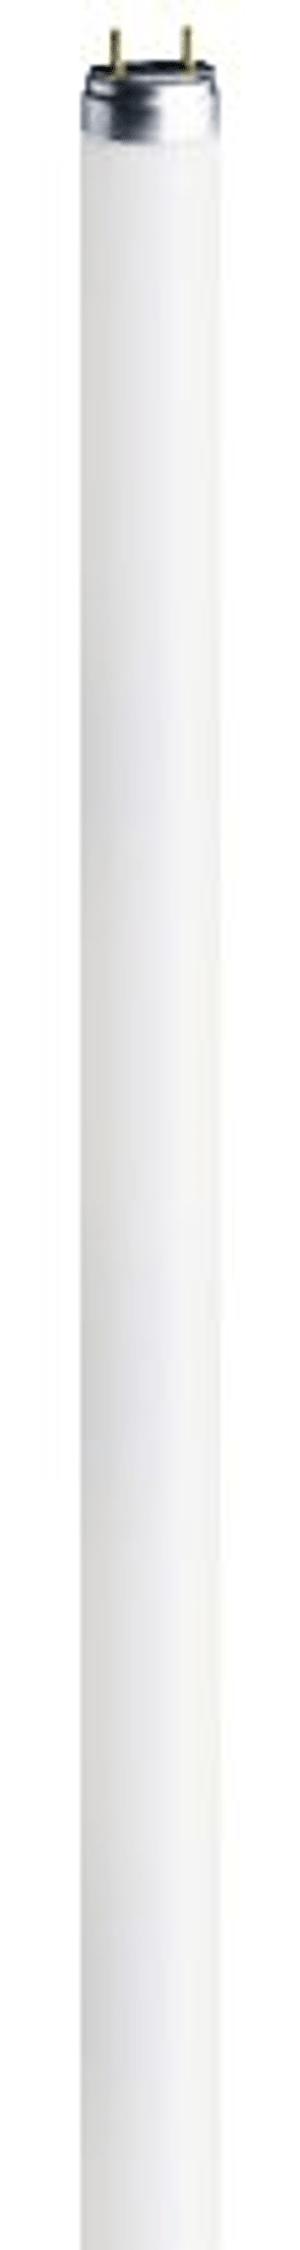 Tubo FL G5 14W 840 1200 lm